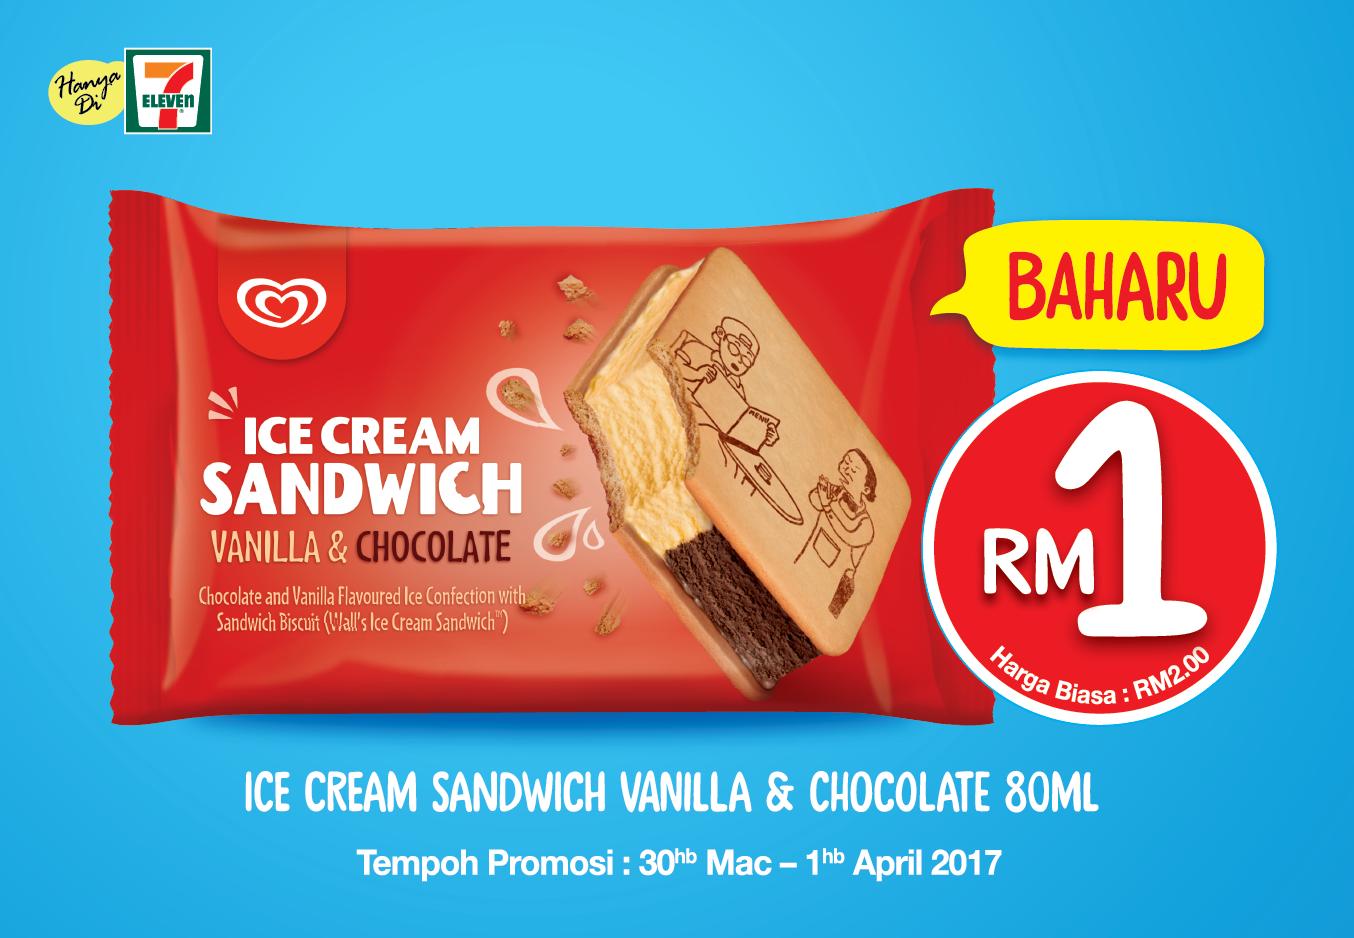 BestLah: 7-Eleven - Enjoy Wall's Ice Cream Sandwich For ...